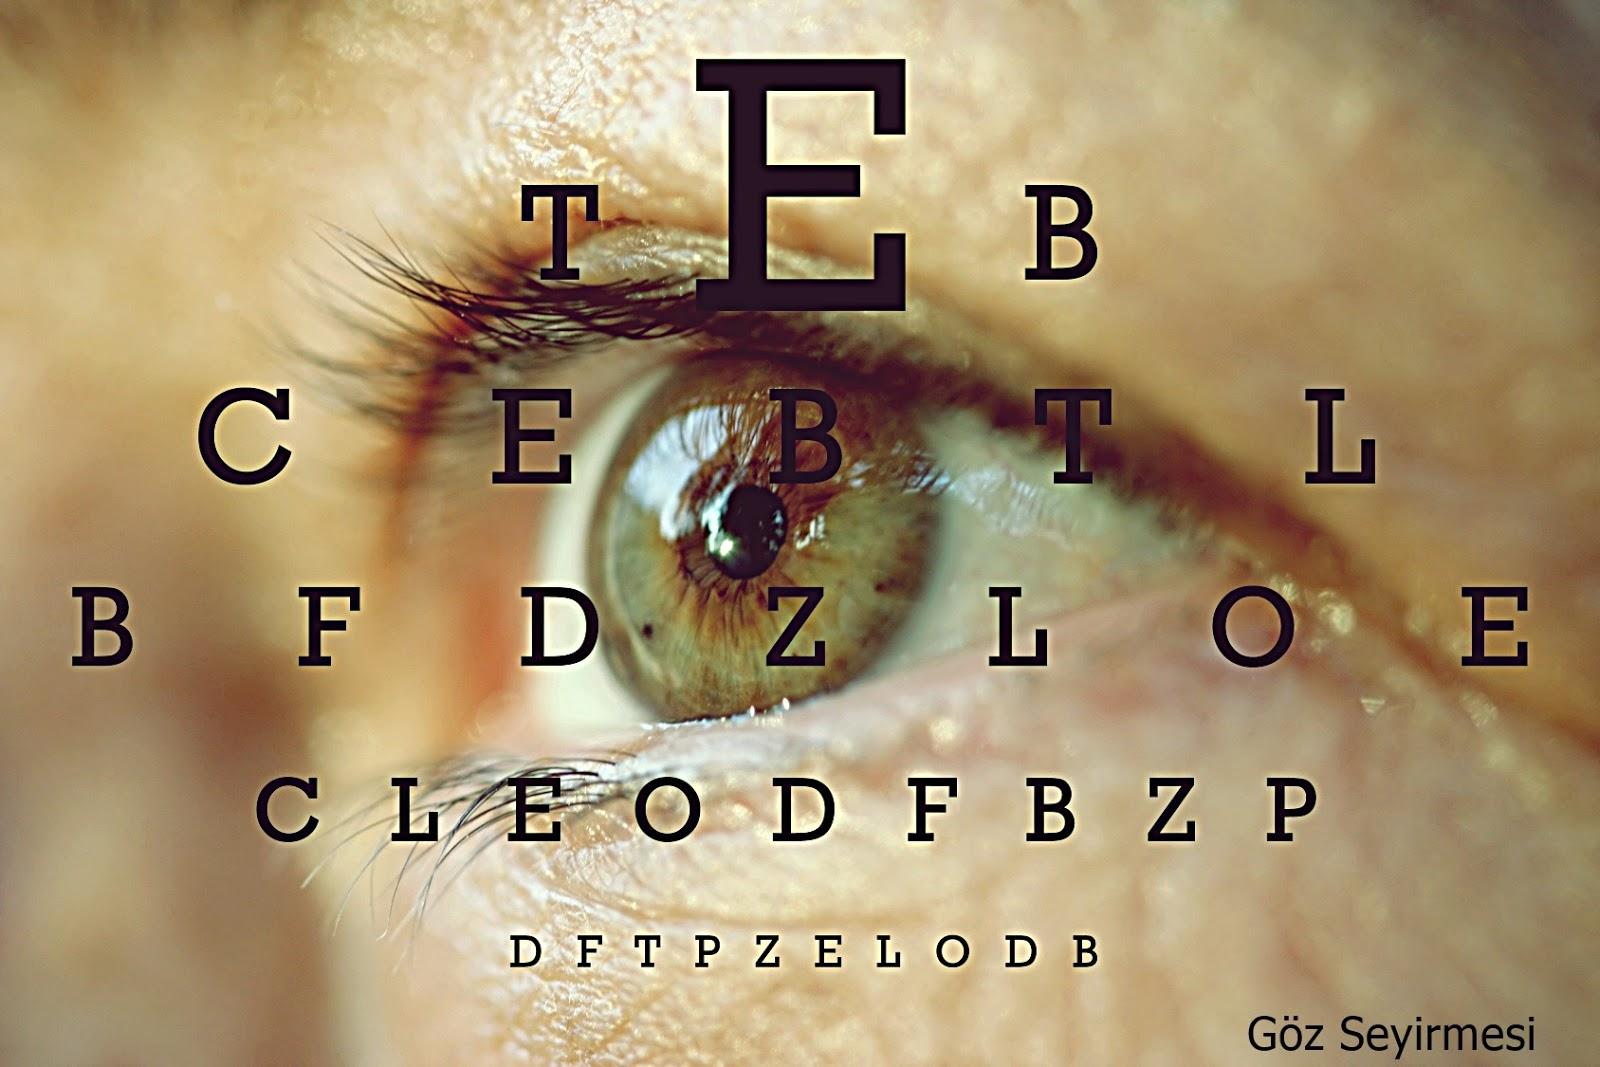 Göz Seğirmesinin Nedenleri ve Tedavisi Nedir